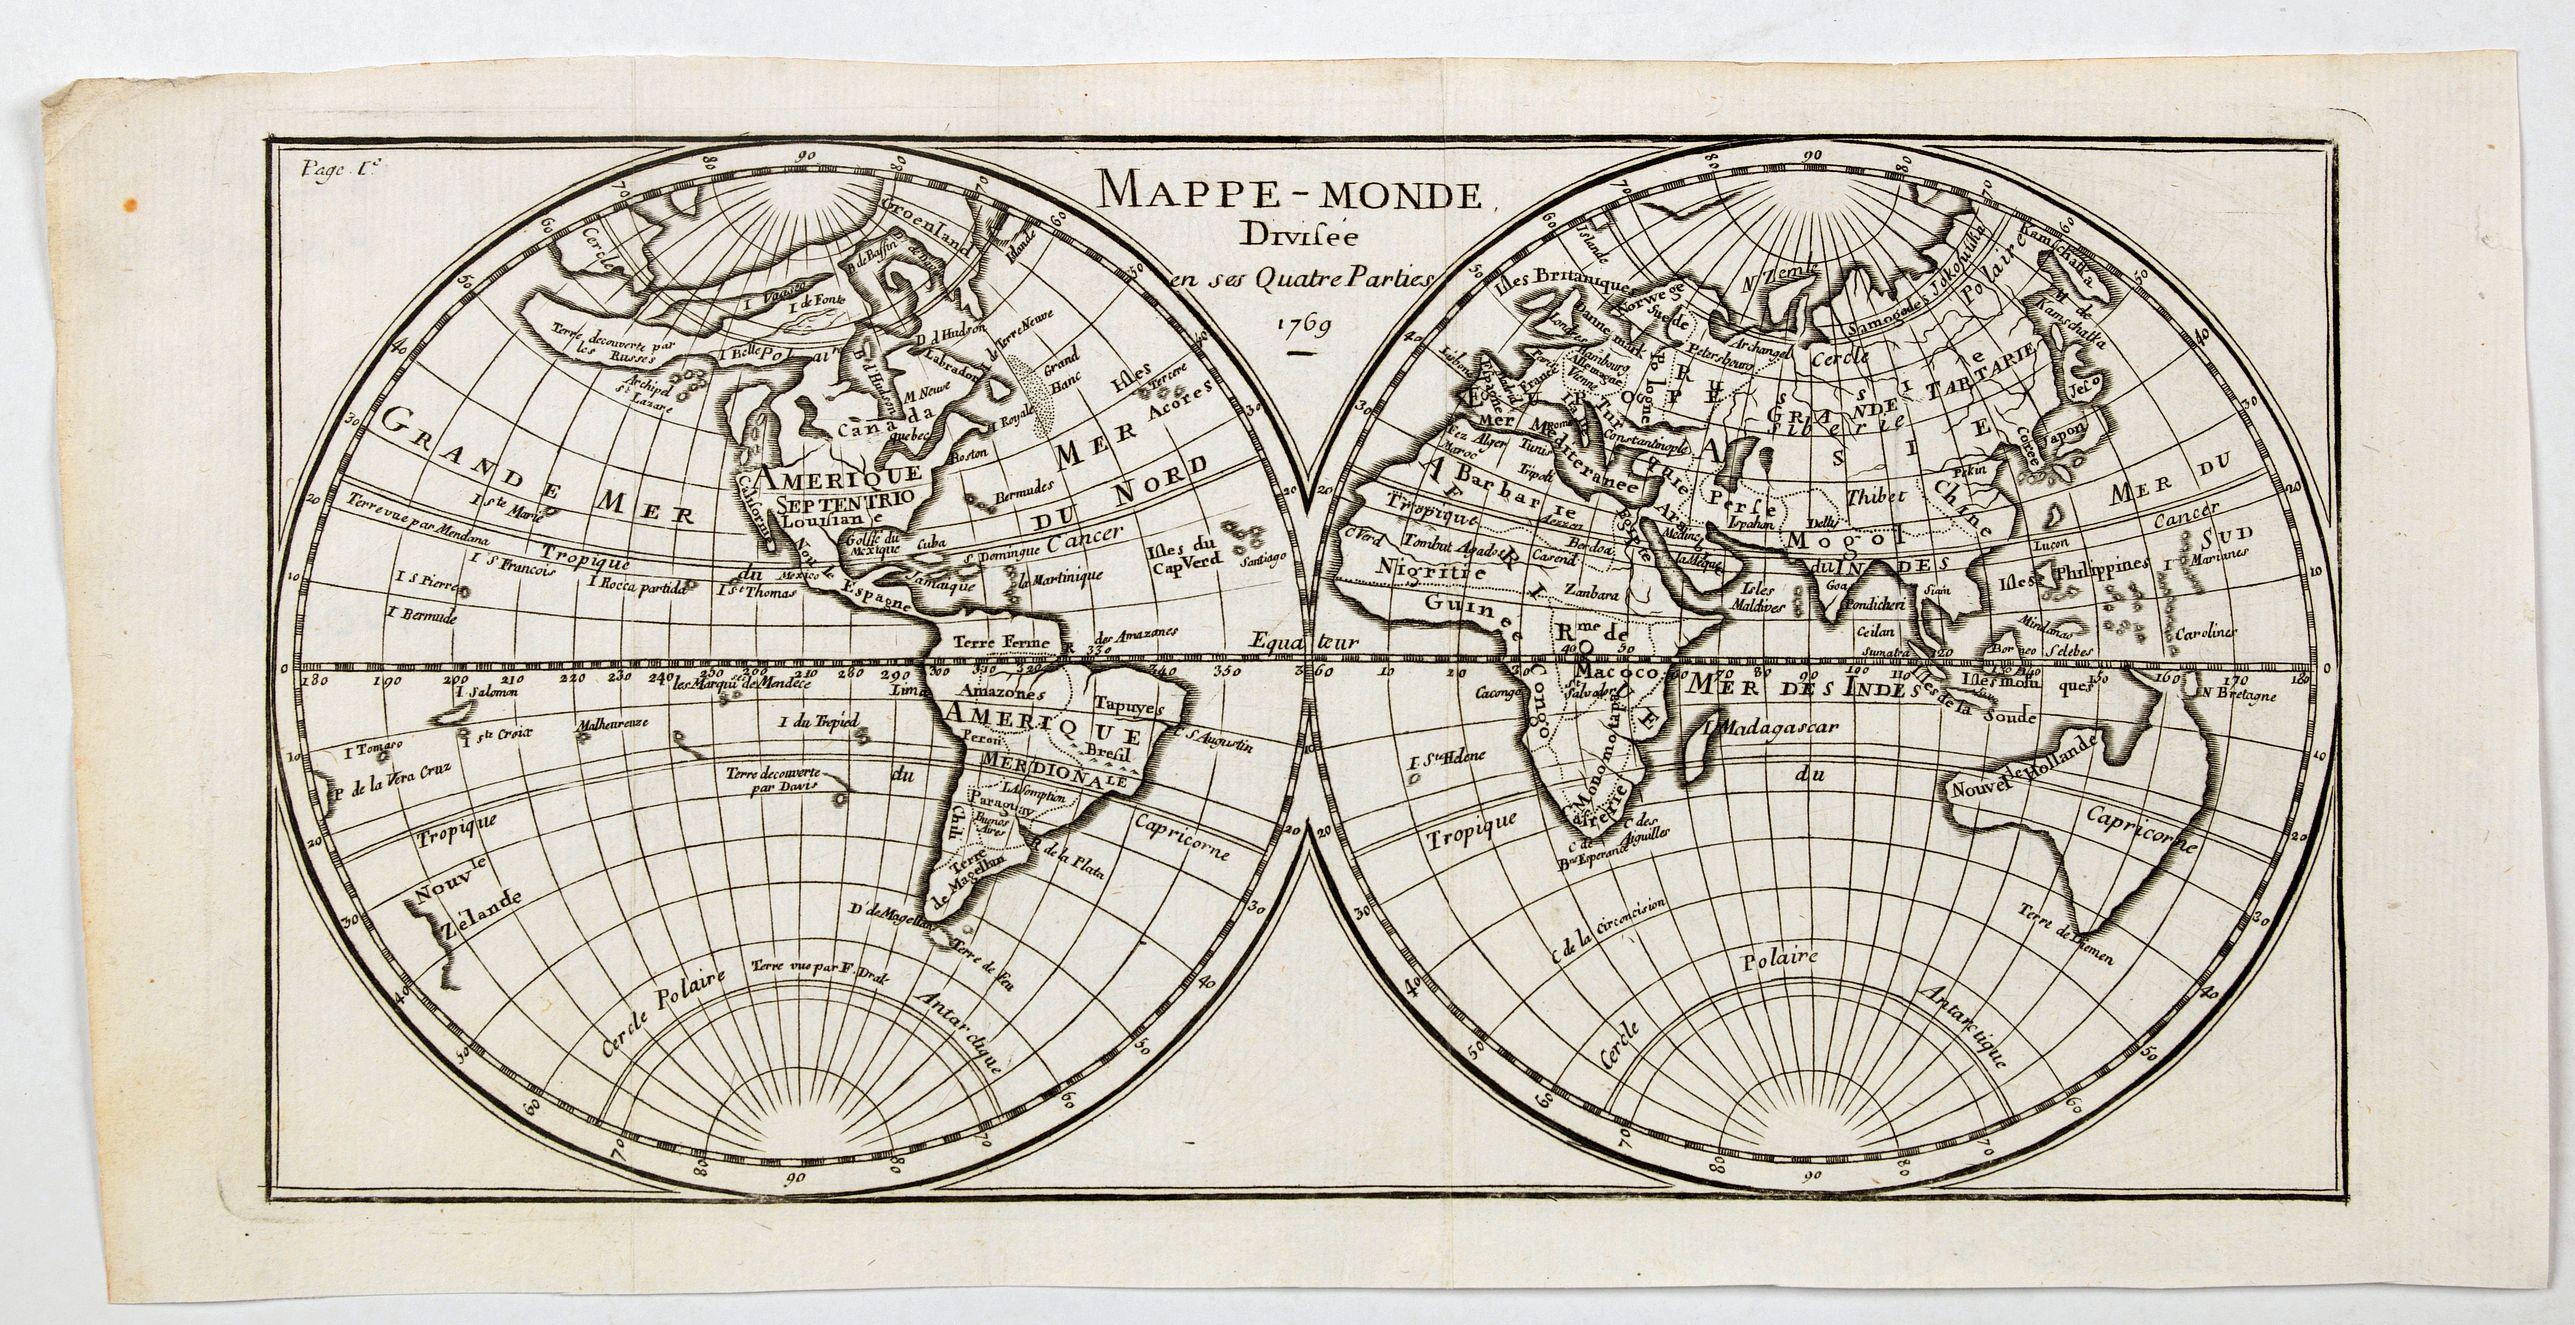 ANONYMOUS. - Mappe-Monde Divisee en ses Quatre Parties 1769.